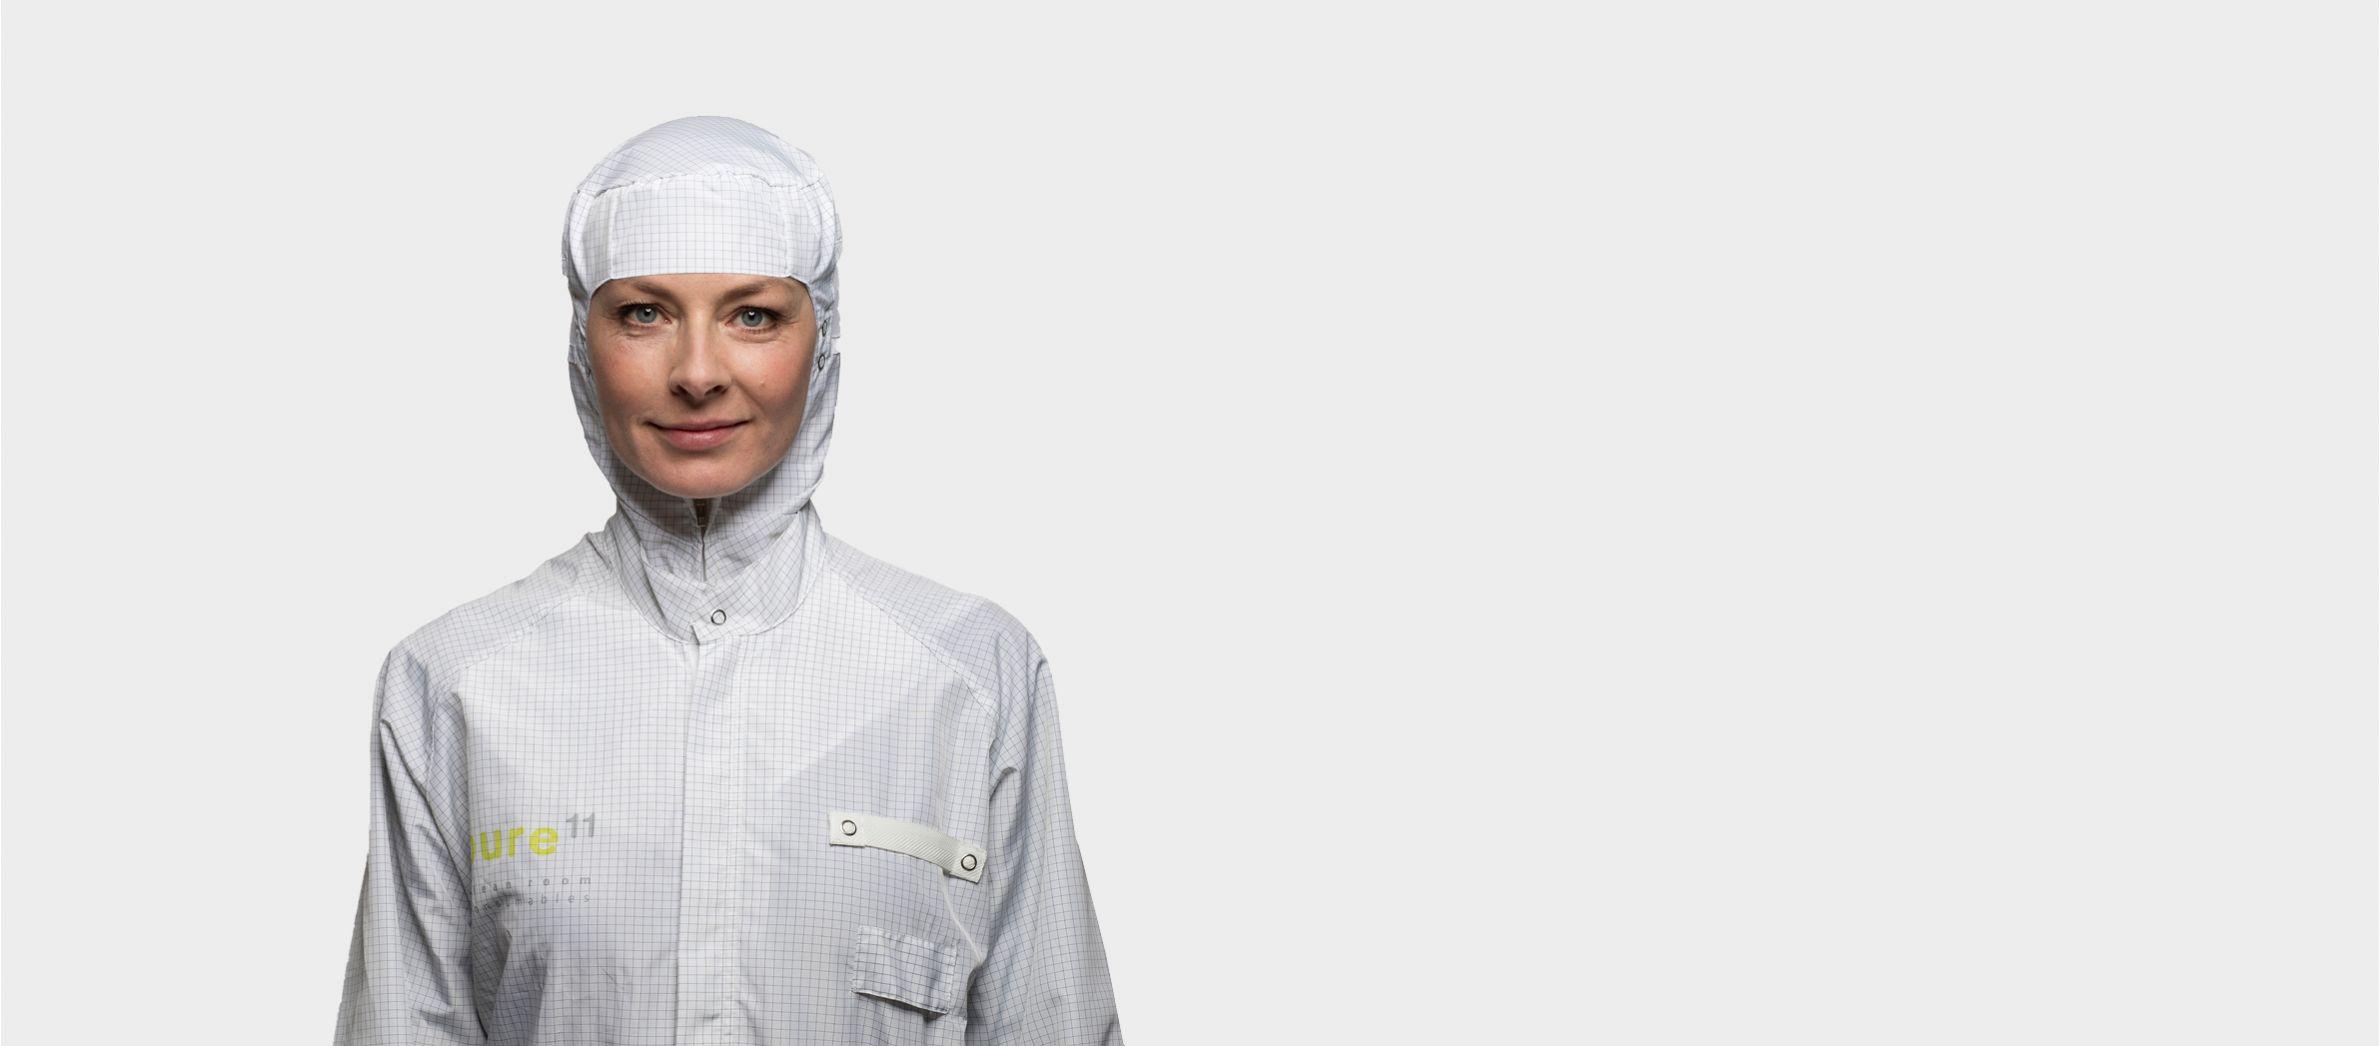 Die empfohlene Bekleidung in einem GMP-Reinraum